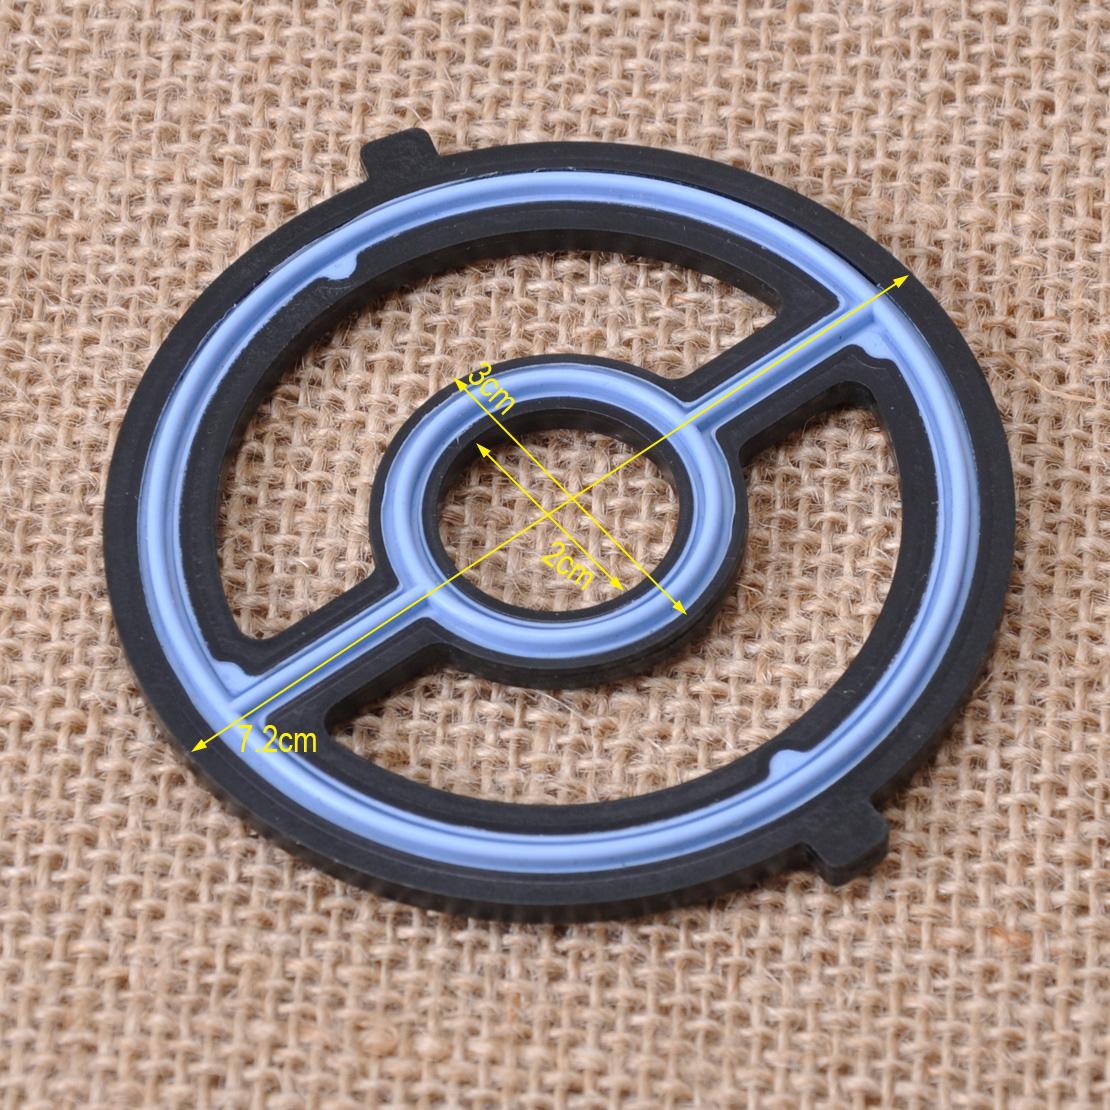 Engine Oil Cooler Seal Gasket For Mazda Engine 3 5 6 Cx 7: Oil Cooler Seal Gasket Fit Mazda 3/5, SPEED 6 CX7 2.0L 2